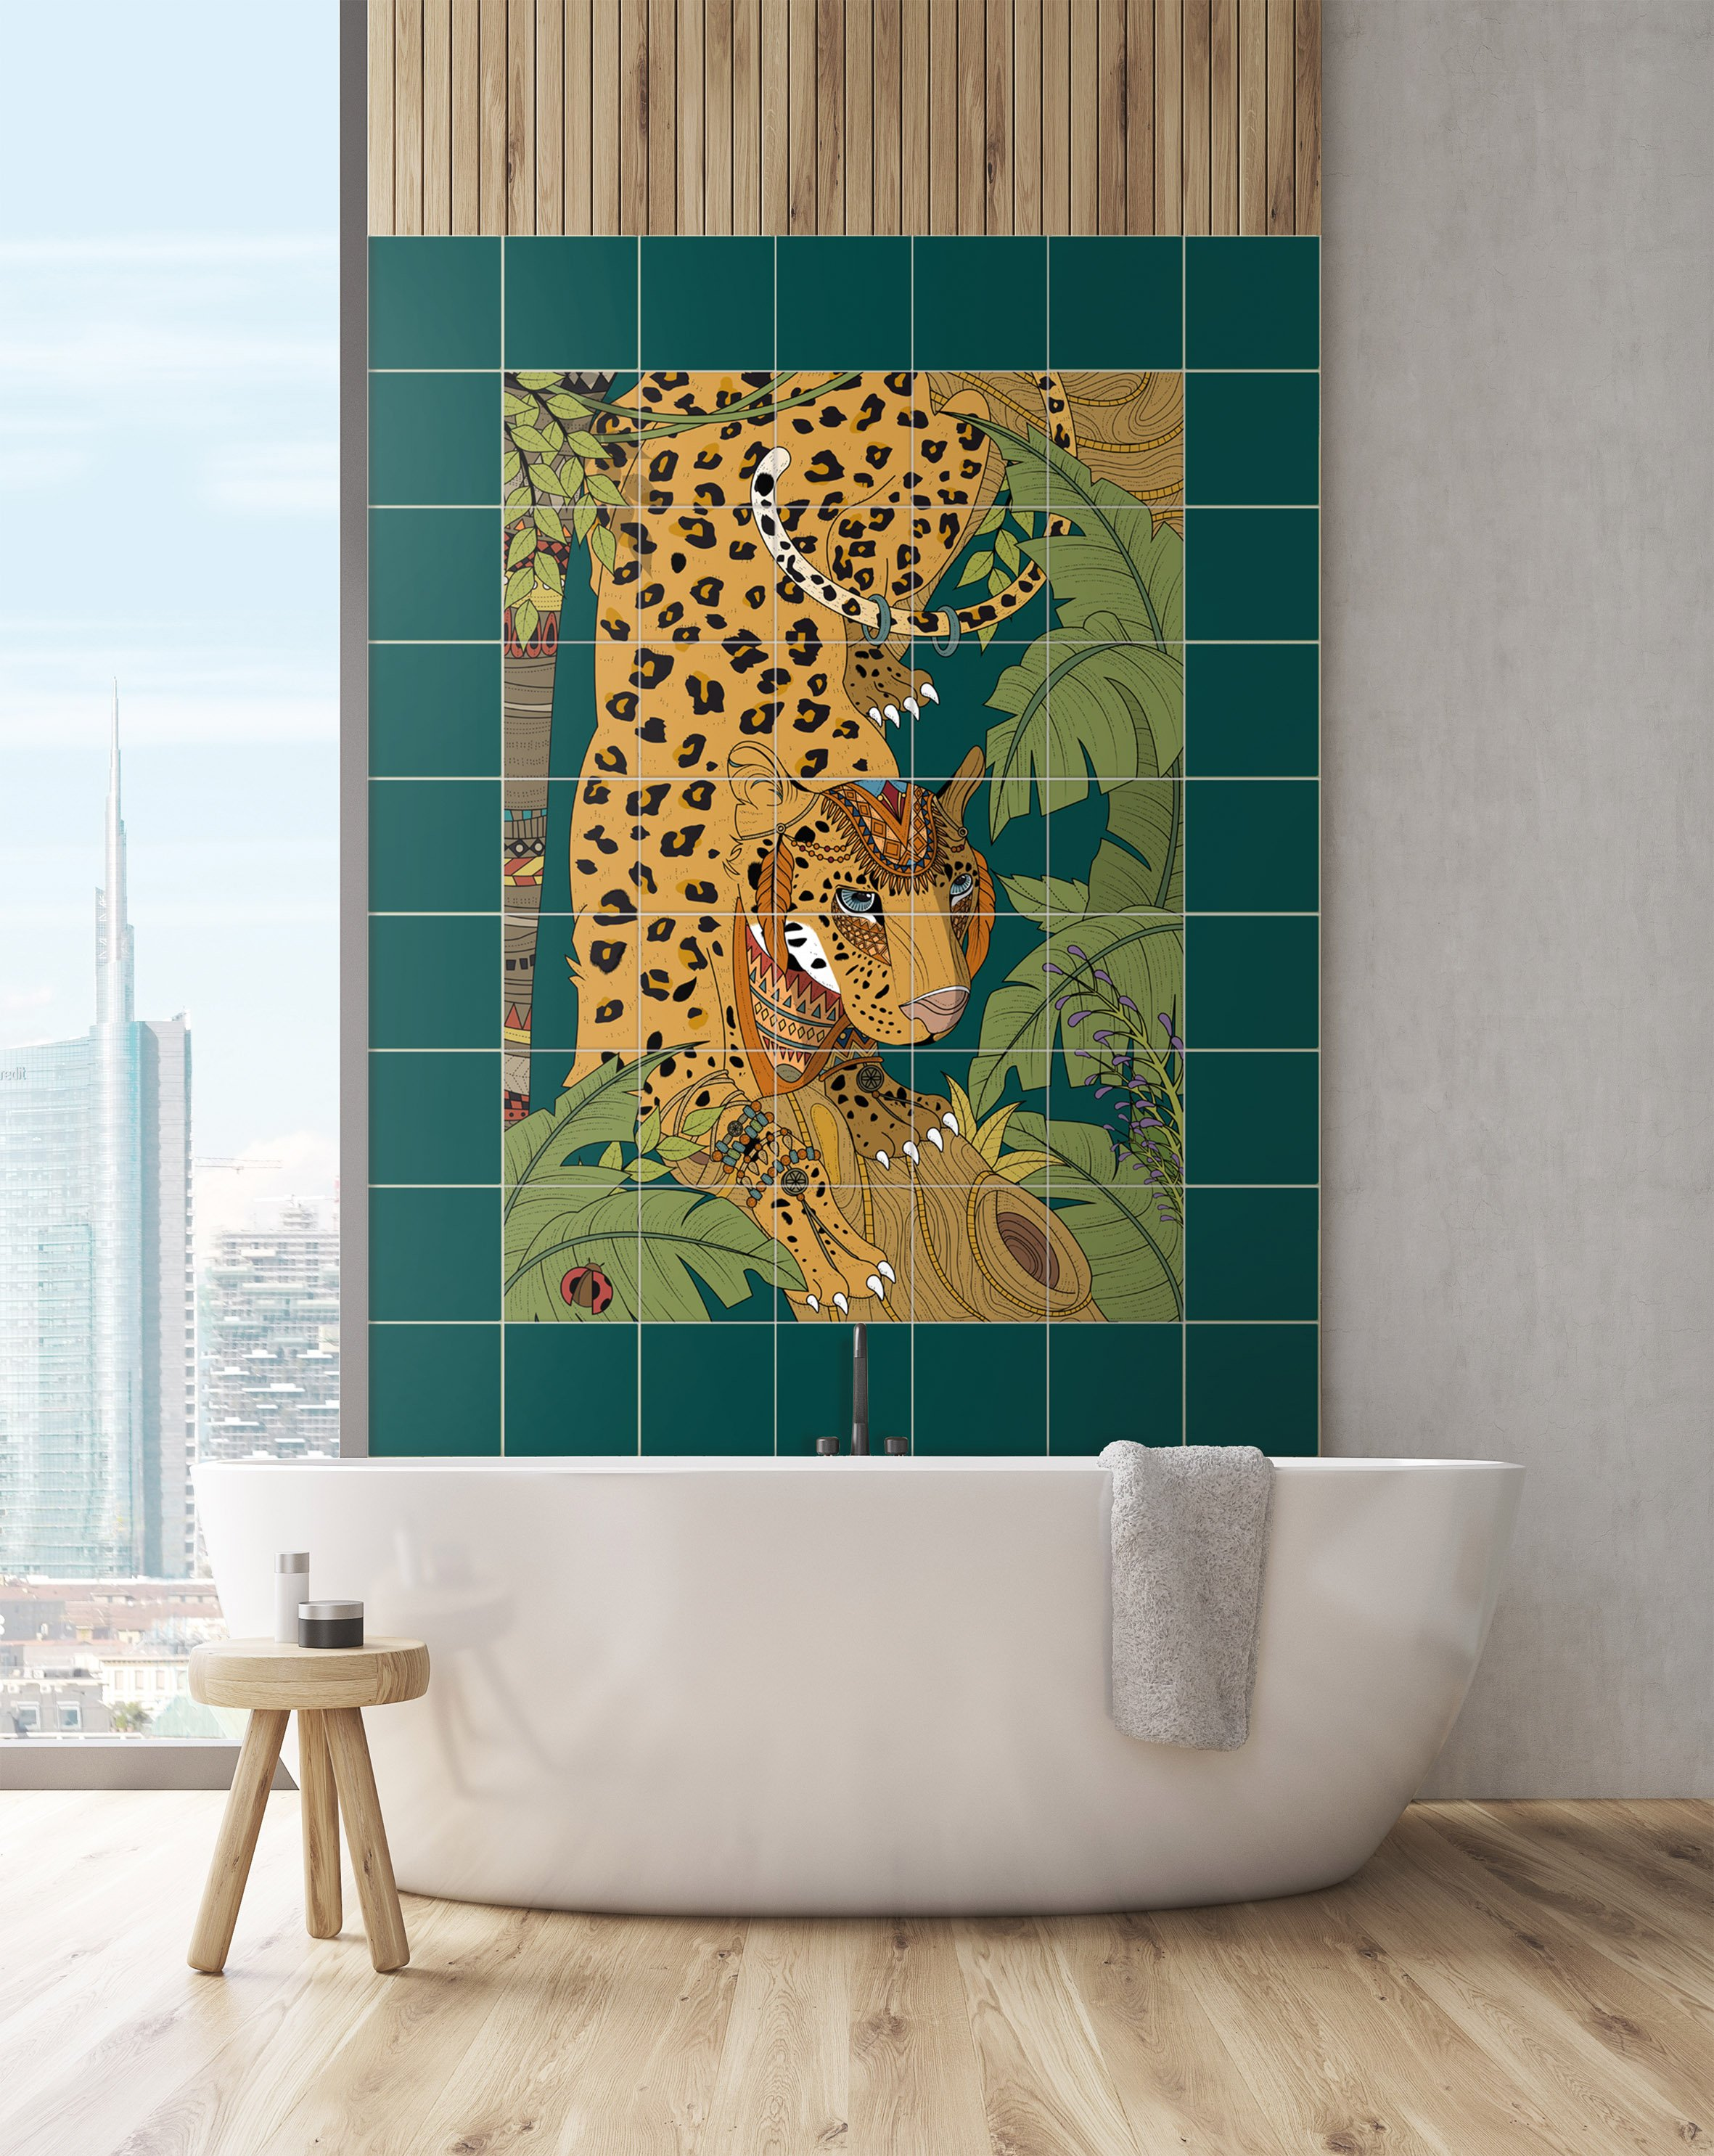 Adesivi per piastrelle per rinnovare il look di pareti e pavimenti cose di casa - Piastrelle adesive per pareti ...